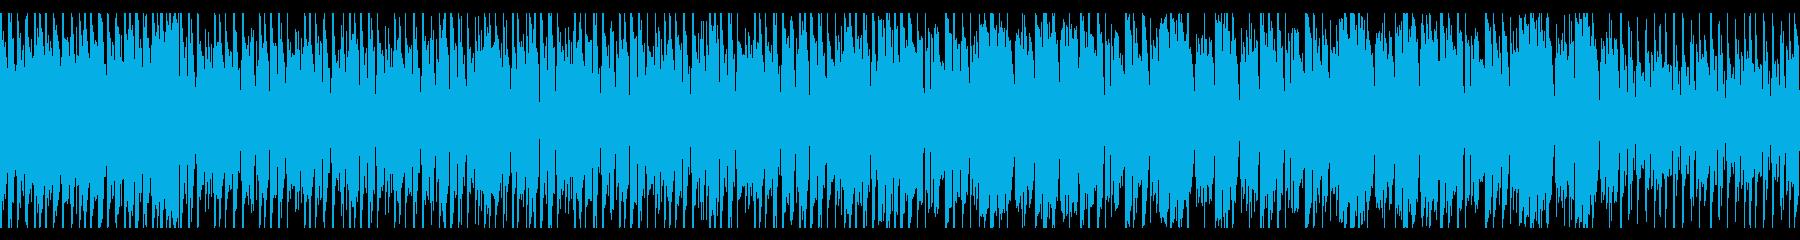 コミカルなキャラと交える軽快な戦闘BGMの再生済みの波形